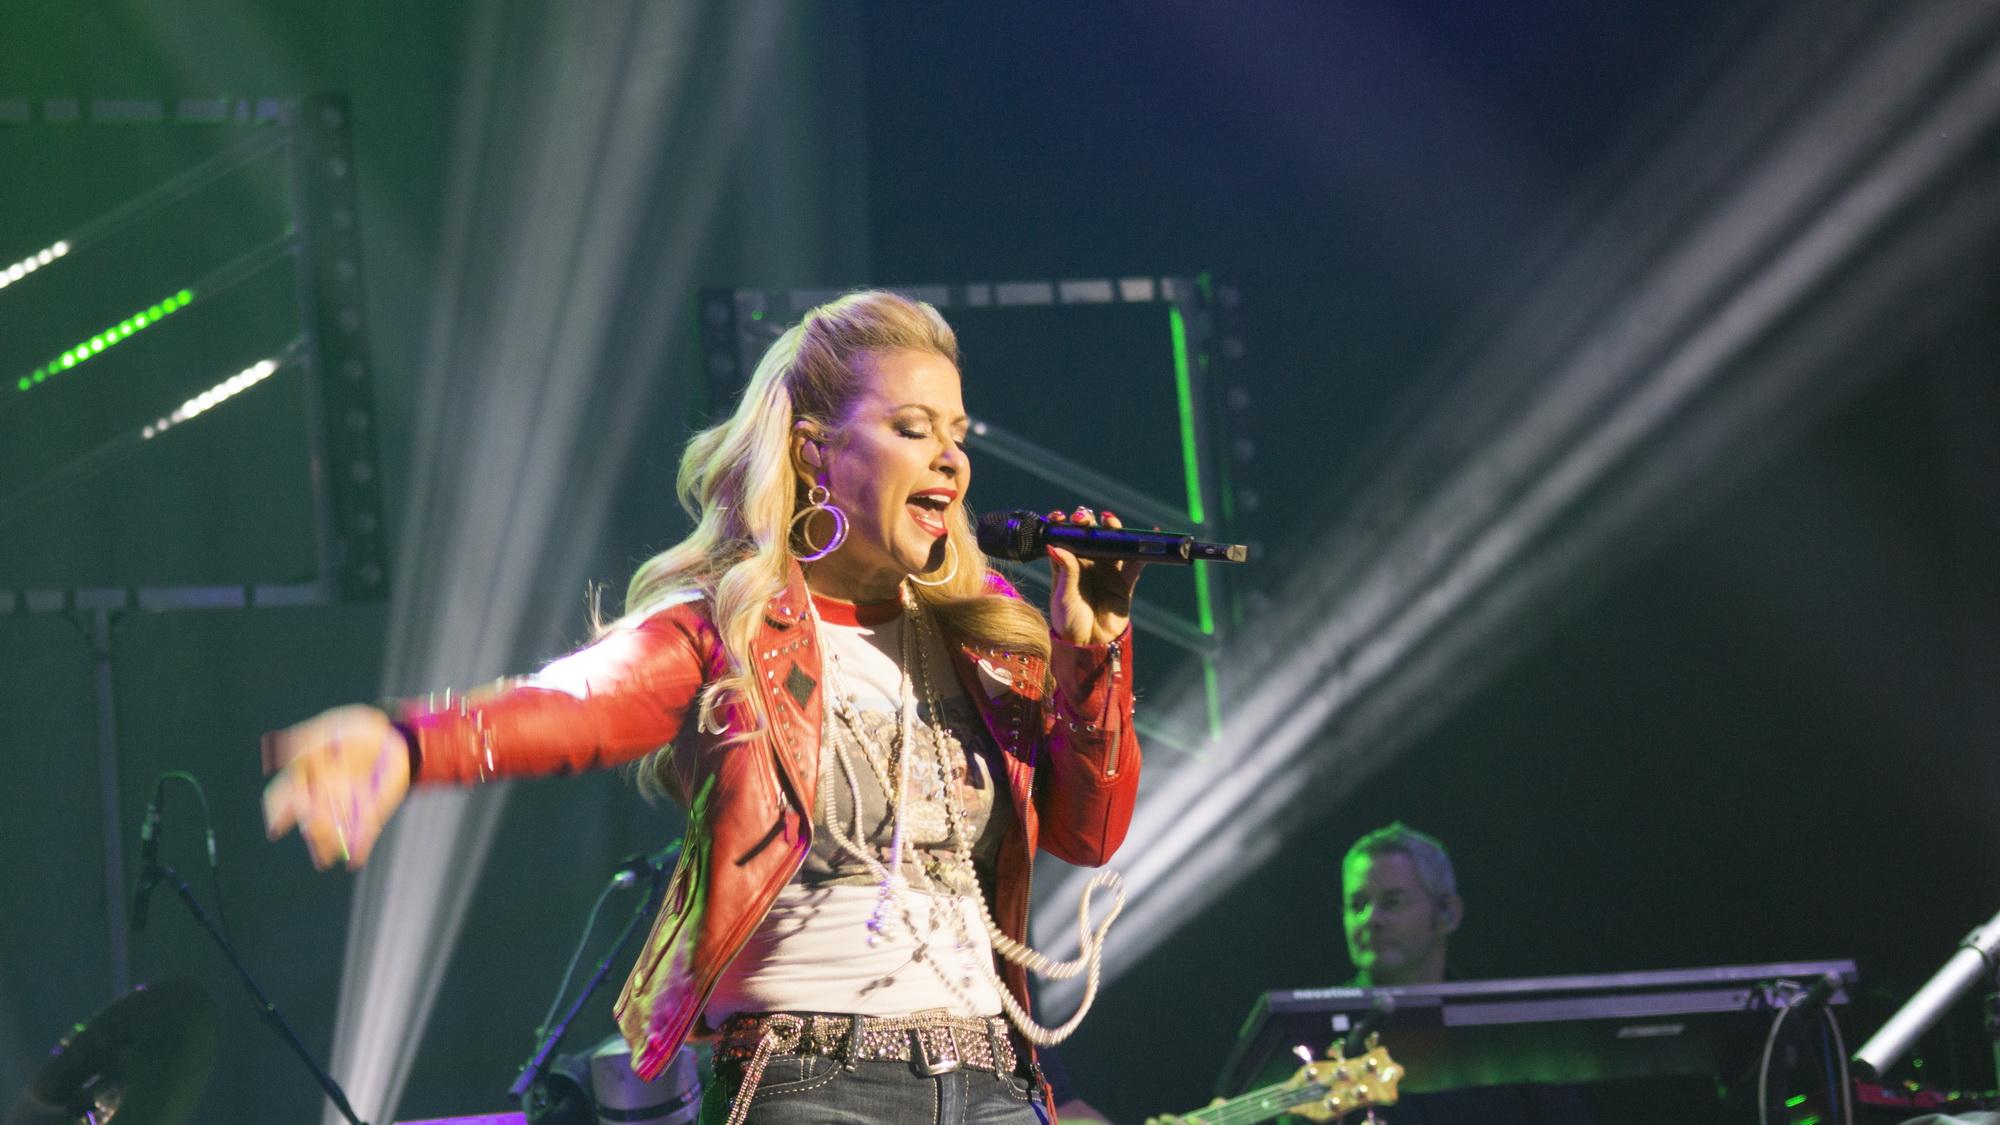 女歌手手举话筒海报剪影素材